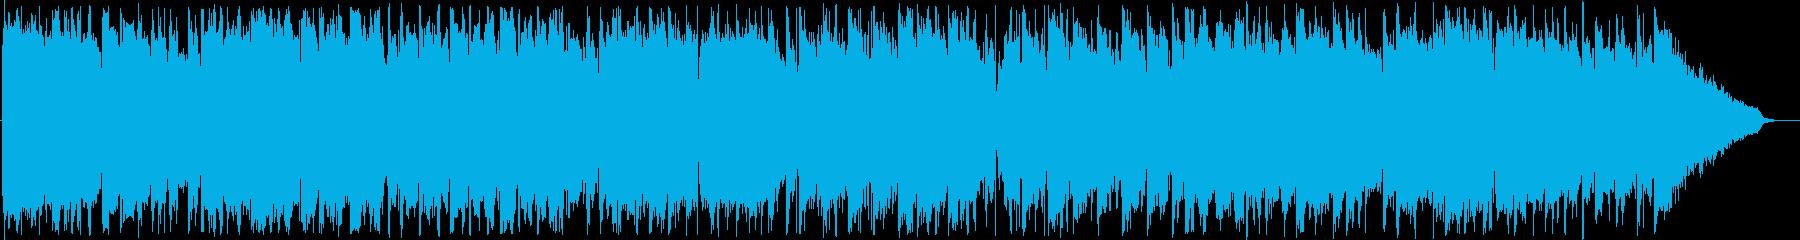 メランコリックで寂しい感じのメロディーの再生済みの波形